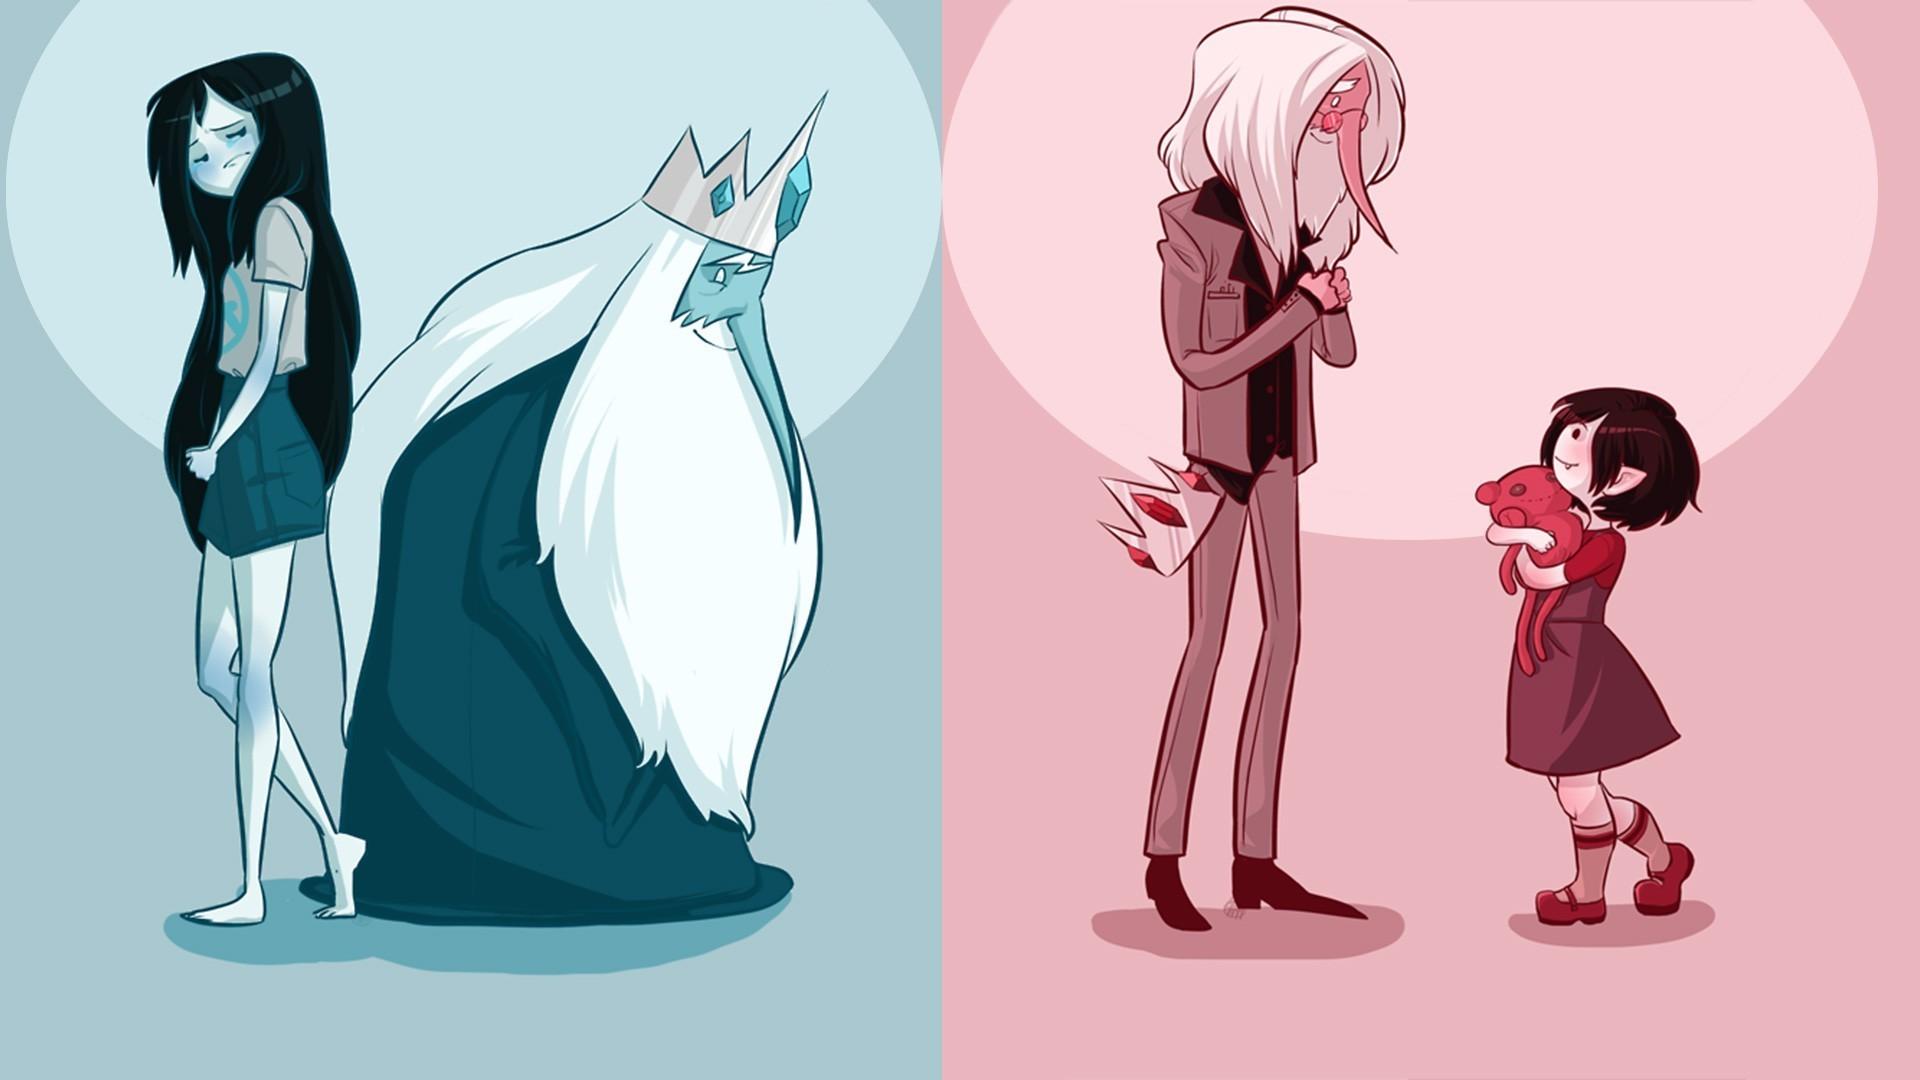 Cute Adventure Time Wallpapers - WallpaperSafari